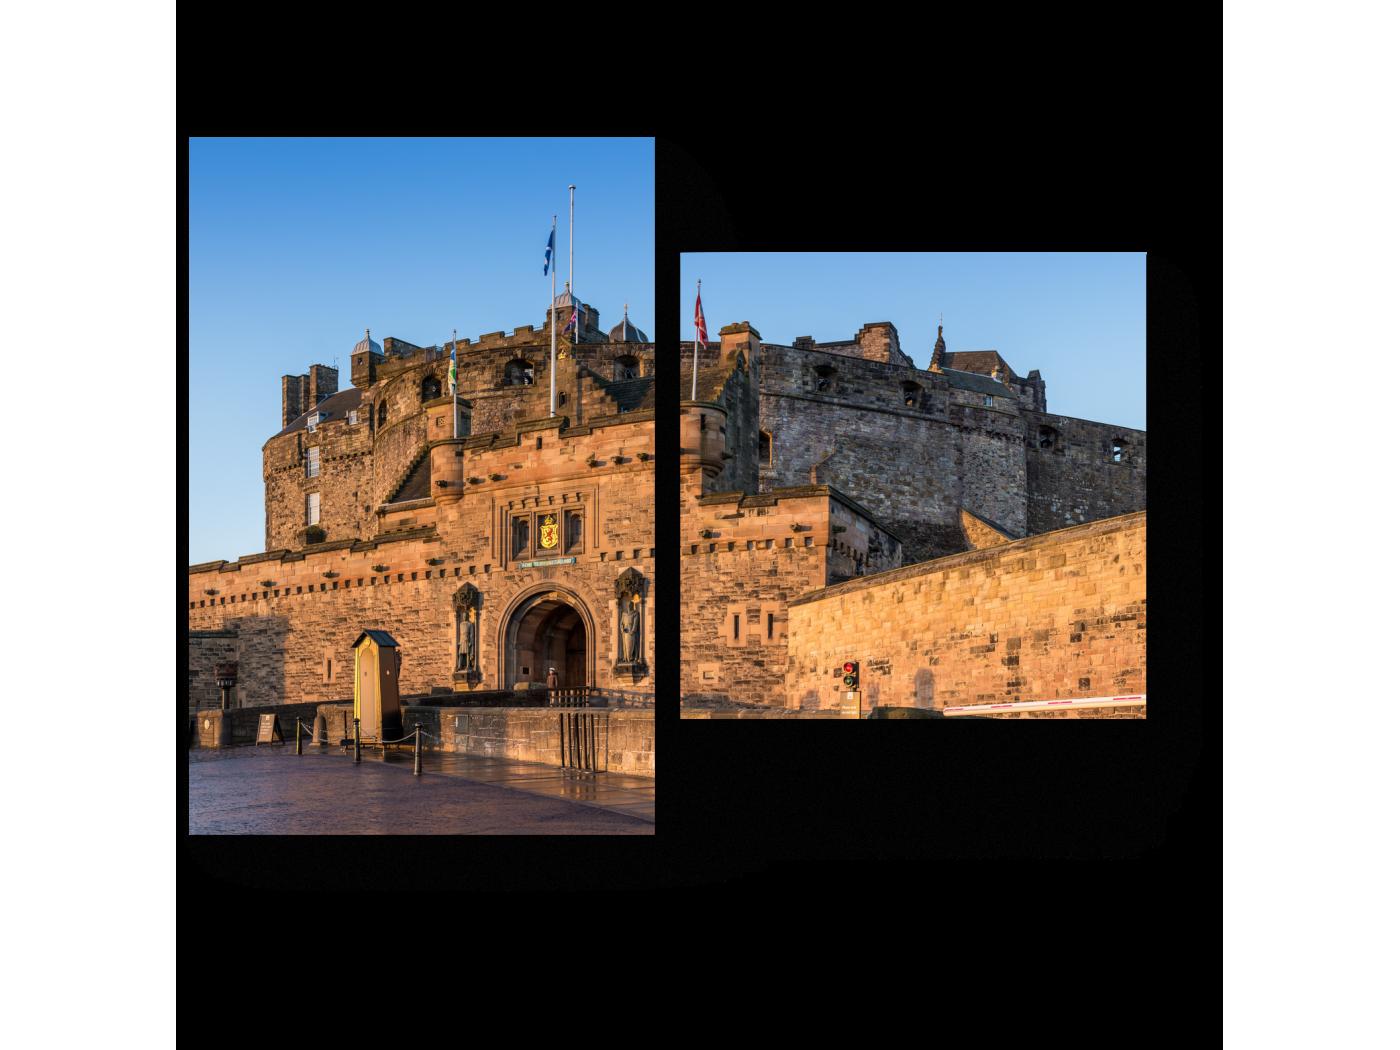 Модульная картина Эдинбургский замок на рассвете (40x30) фото